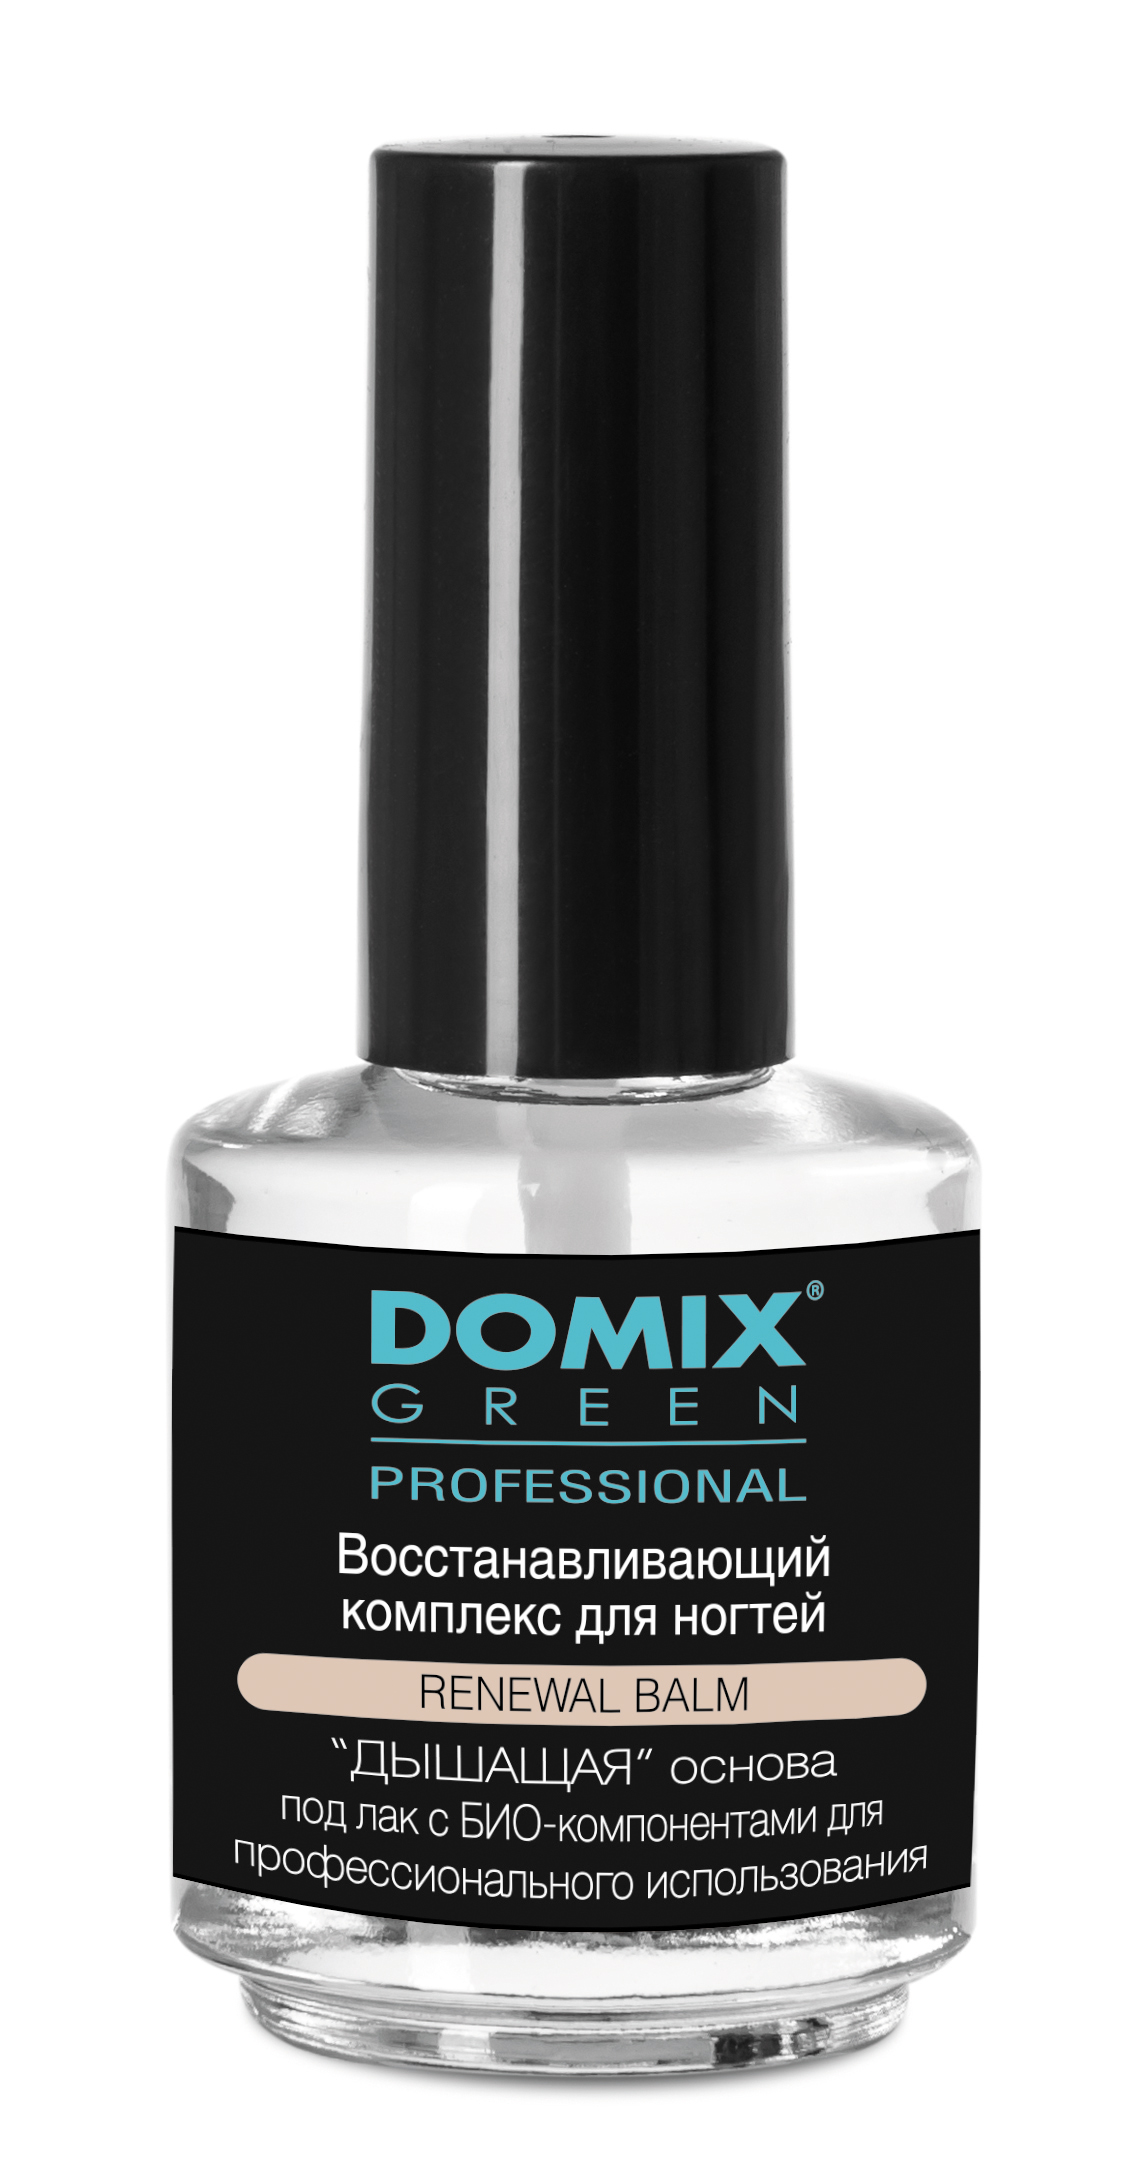 DOMIX Комплекс восстанавливающий для ногтей / DGP 17млБазовые покрытия<br>Дышащая  основа под лак с БИО-компонентами для профессионального использования с экстрактом альпийской розы и лецитином Средство выравнивает поверхность ногтевой пластины, скрывает дефекты, фиксирует отслоившиеся кромки, предупреждает изменение цвета ногтей. Сертифицированные БИО-добавки и уникальная дышащая структура покрытия насыщает ногти кислородом, способствуя интенсивному восстановлению поврежденных ногтей. Способ применения: нанесите средство на подготовленные ногти. После высыхания можно использовать лак для ногтей.<br><br>Вид средства для тела: Восстанавливающее<br>Класс косметики: Профессиональная